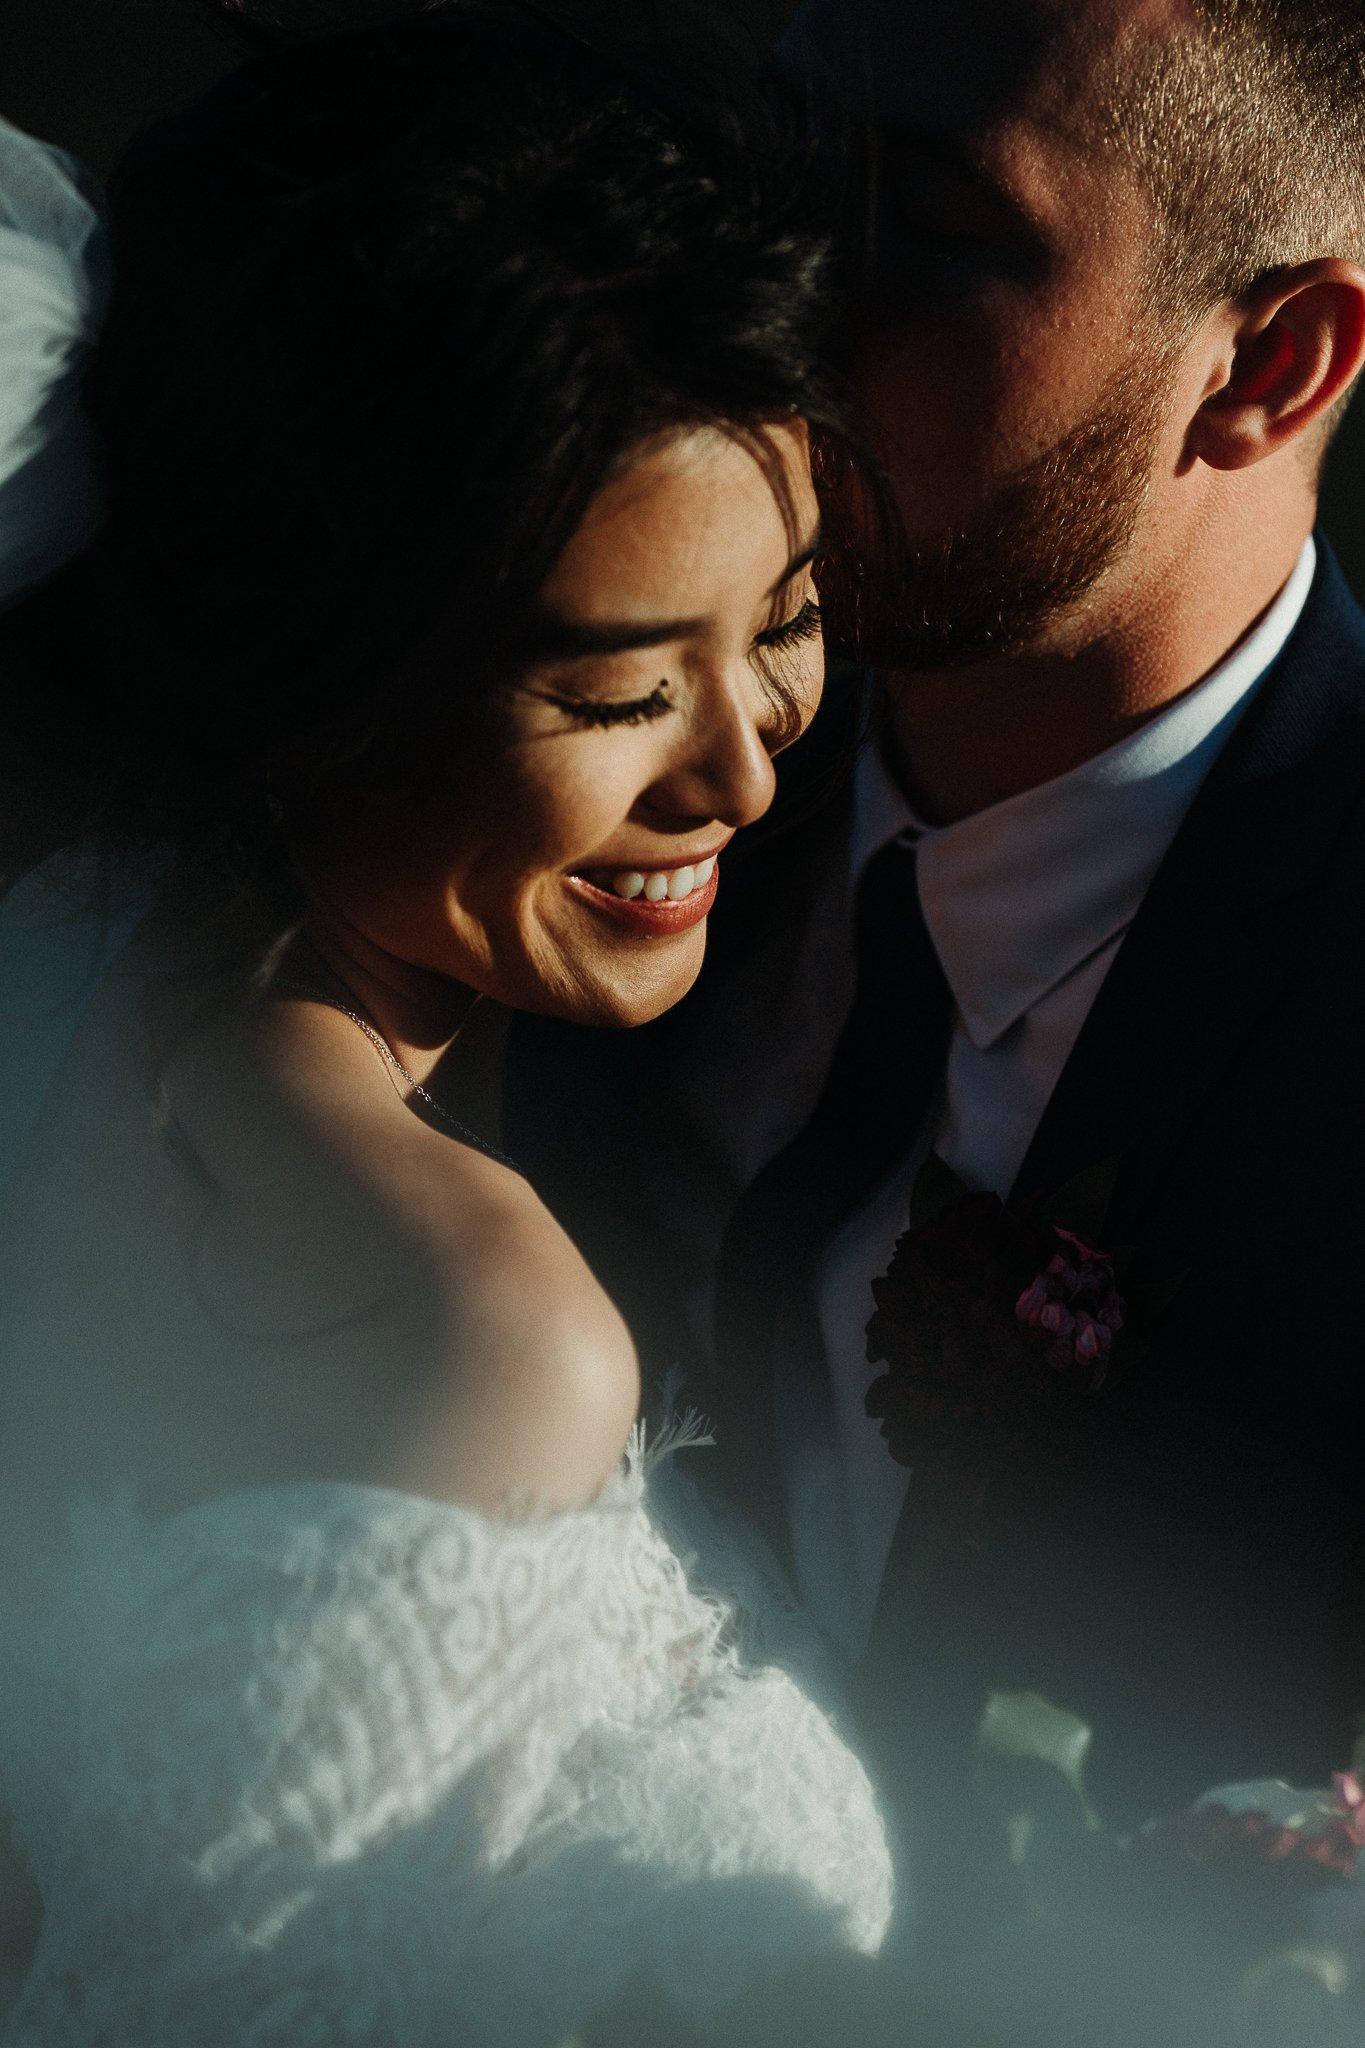 Colorado Mountain Wedding Photographer, Colorado Wedding Photographer, Colorado, Justyna E ButlerGrand Lake Wedding, Grand Lake Lodge, Colorado Mountain Wedding Photographer, Colorado Wedding Photographer, Colorado